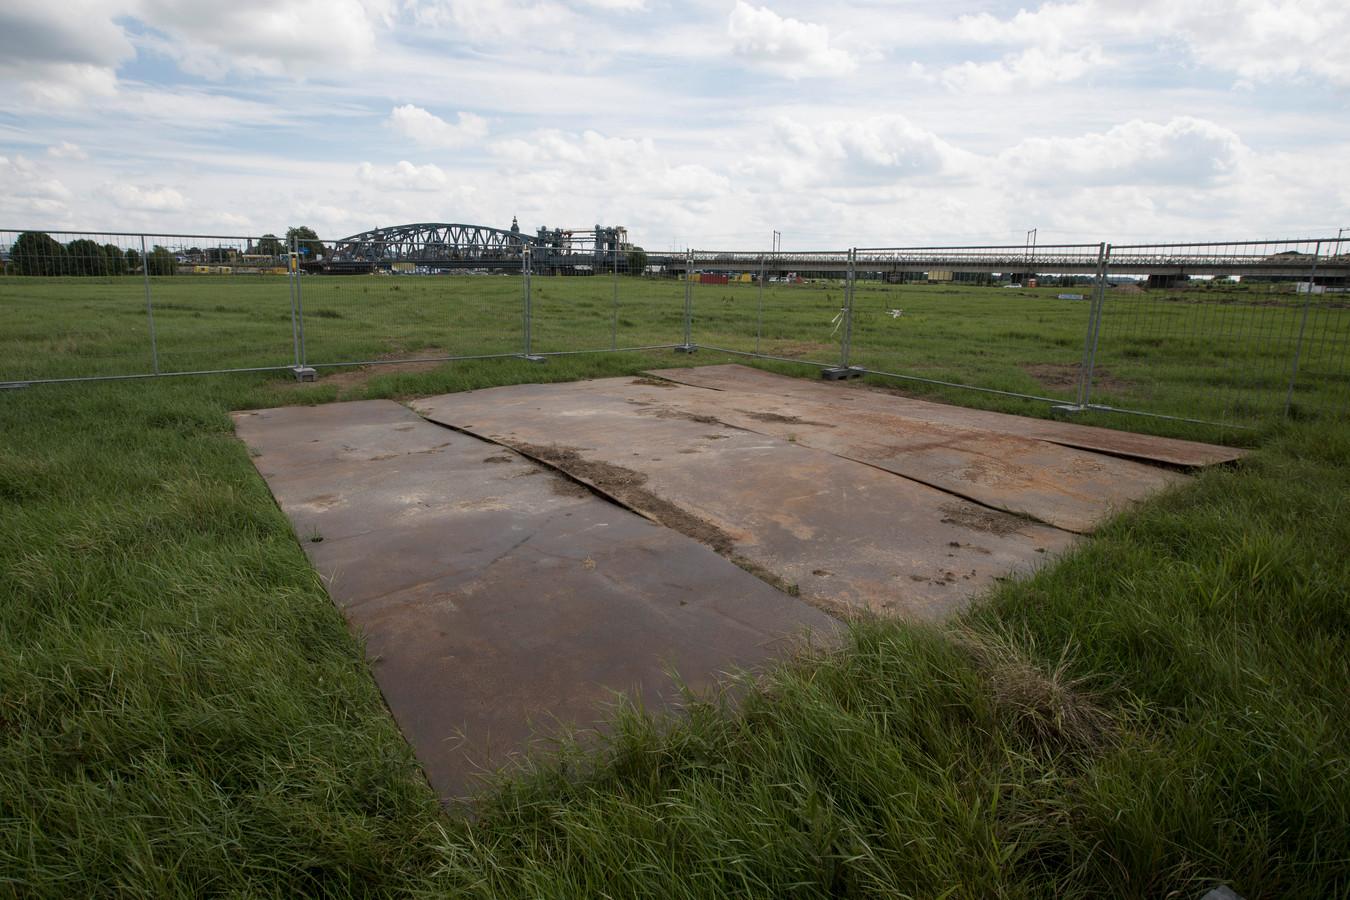 De vindplaats van de V1 nabij de Oude IJsselbrug is met hekken afgezet en afgedekt met rijplaten.